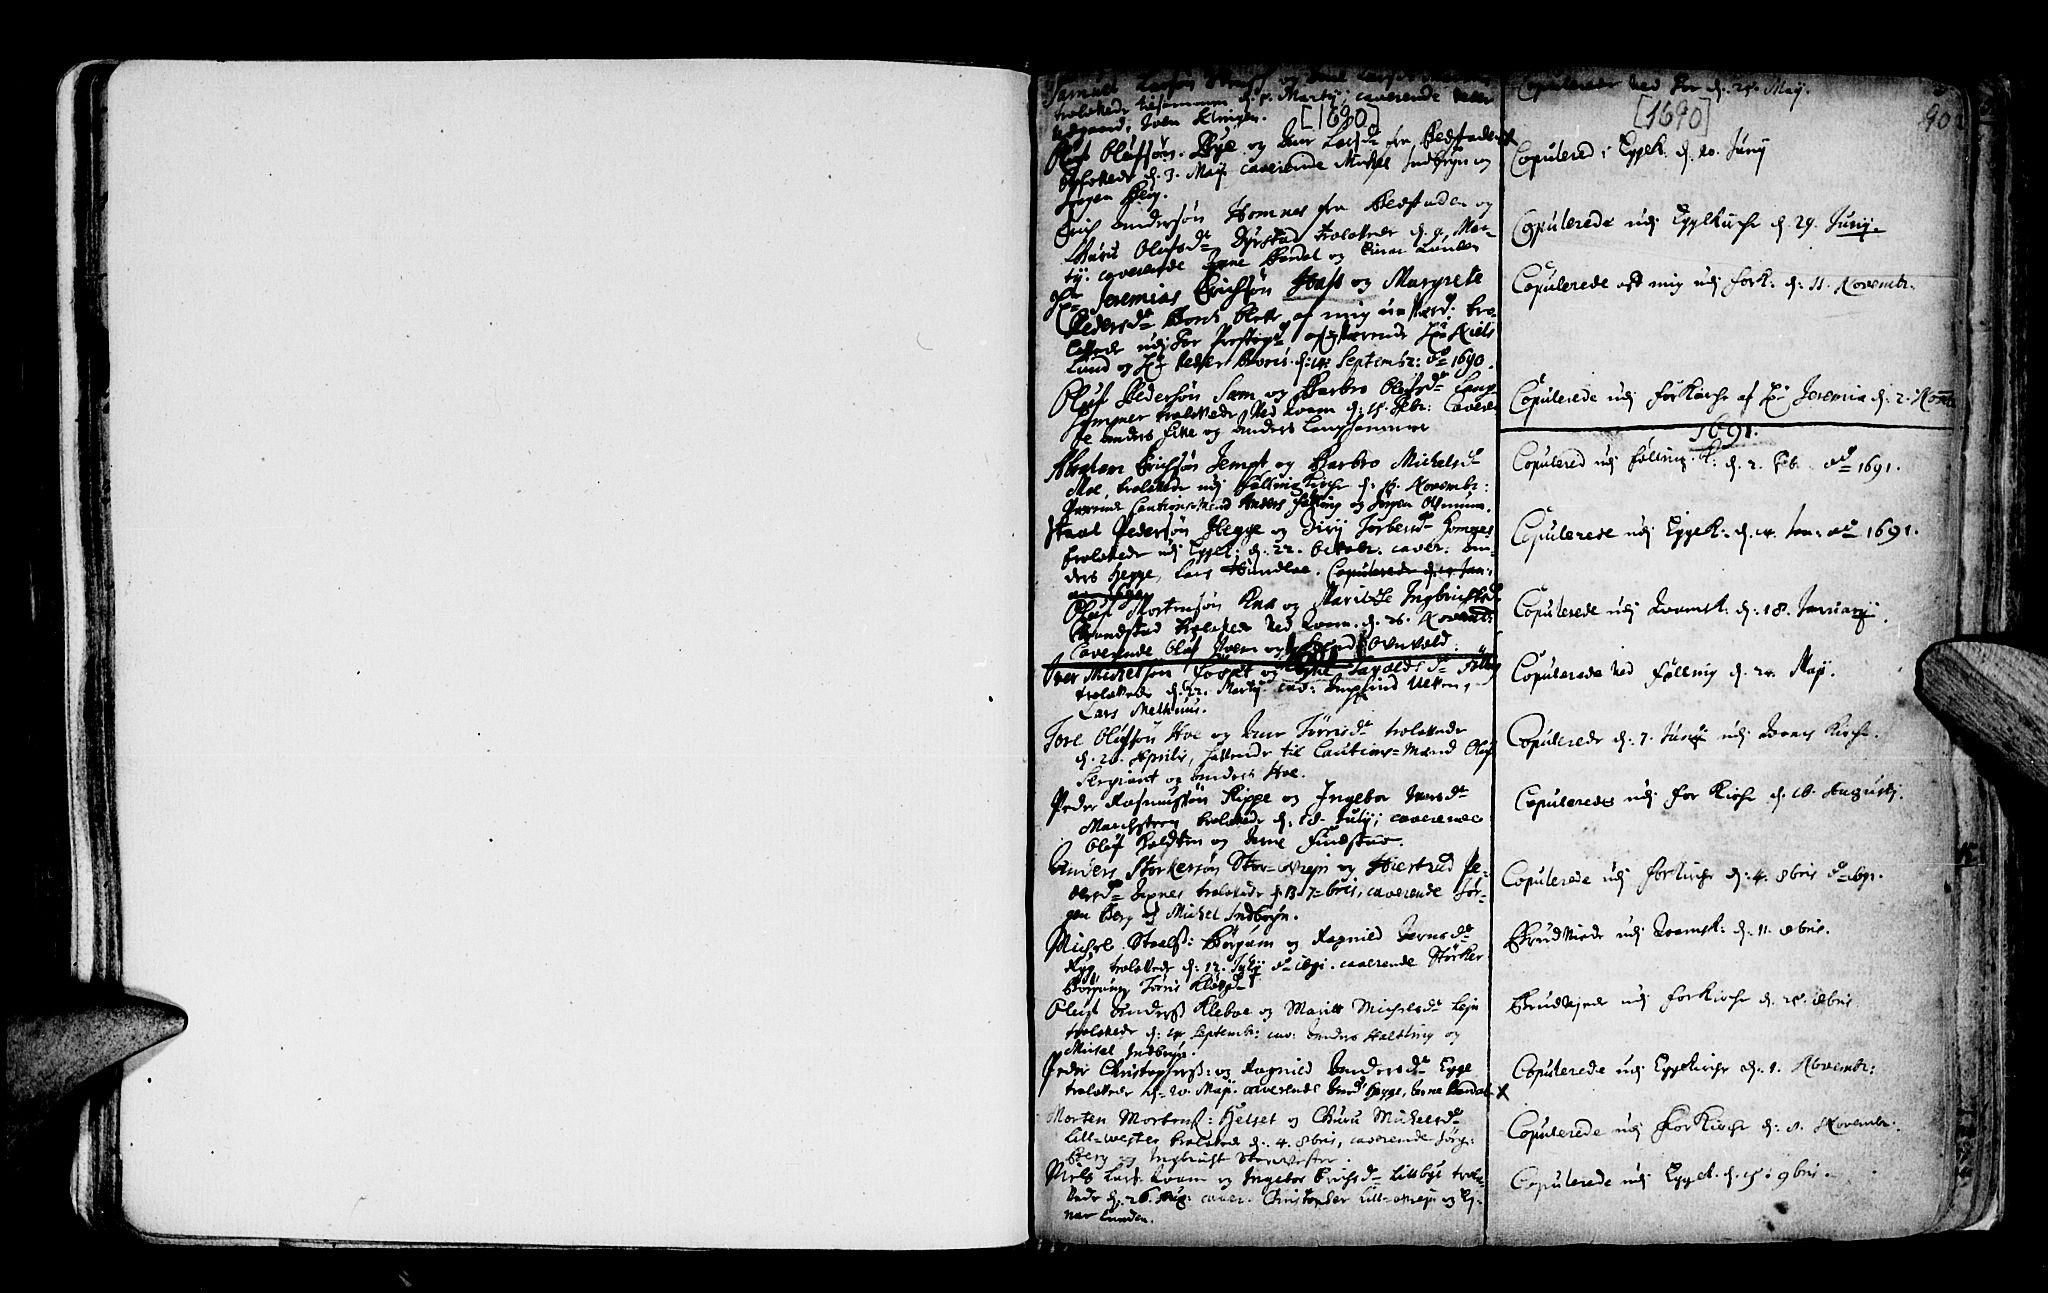 SAT, Ministerialprotokoller, klokkerbøker og fødselsregistre - Nord-Trøndelag, 746/L0439: Ministerialbok nr. 746A01, 1688-1759, s. 90